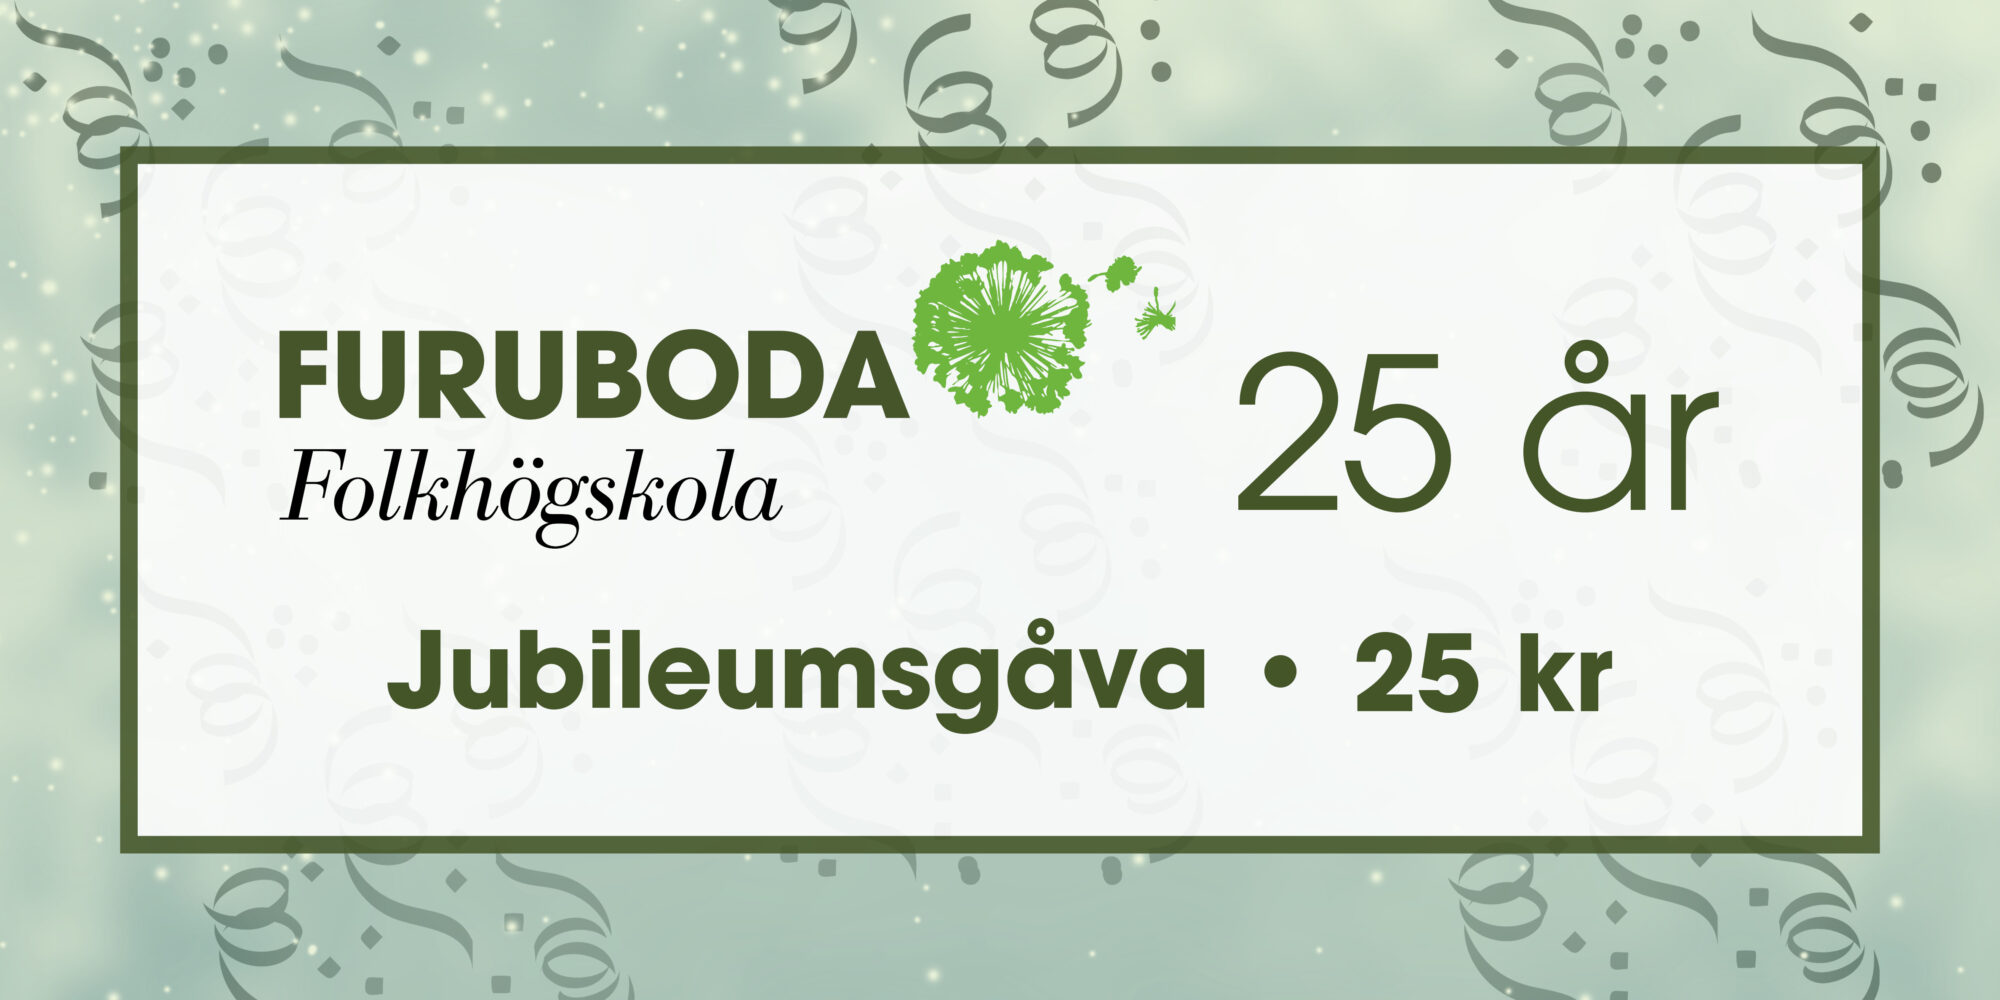 """Bakgrund med girlanger och i förgrunden texten """"Furuboda folkhögskola 25 år - Jubileumsgåva 25 kr"""""""